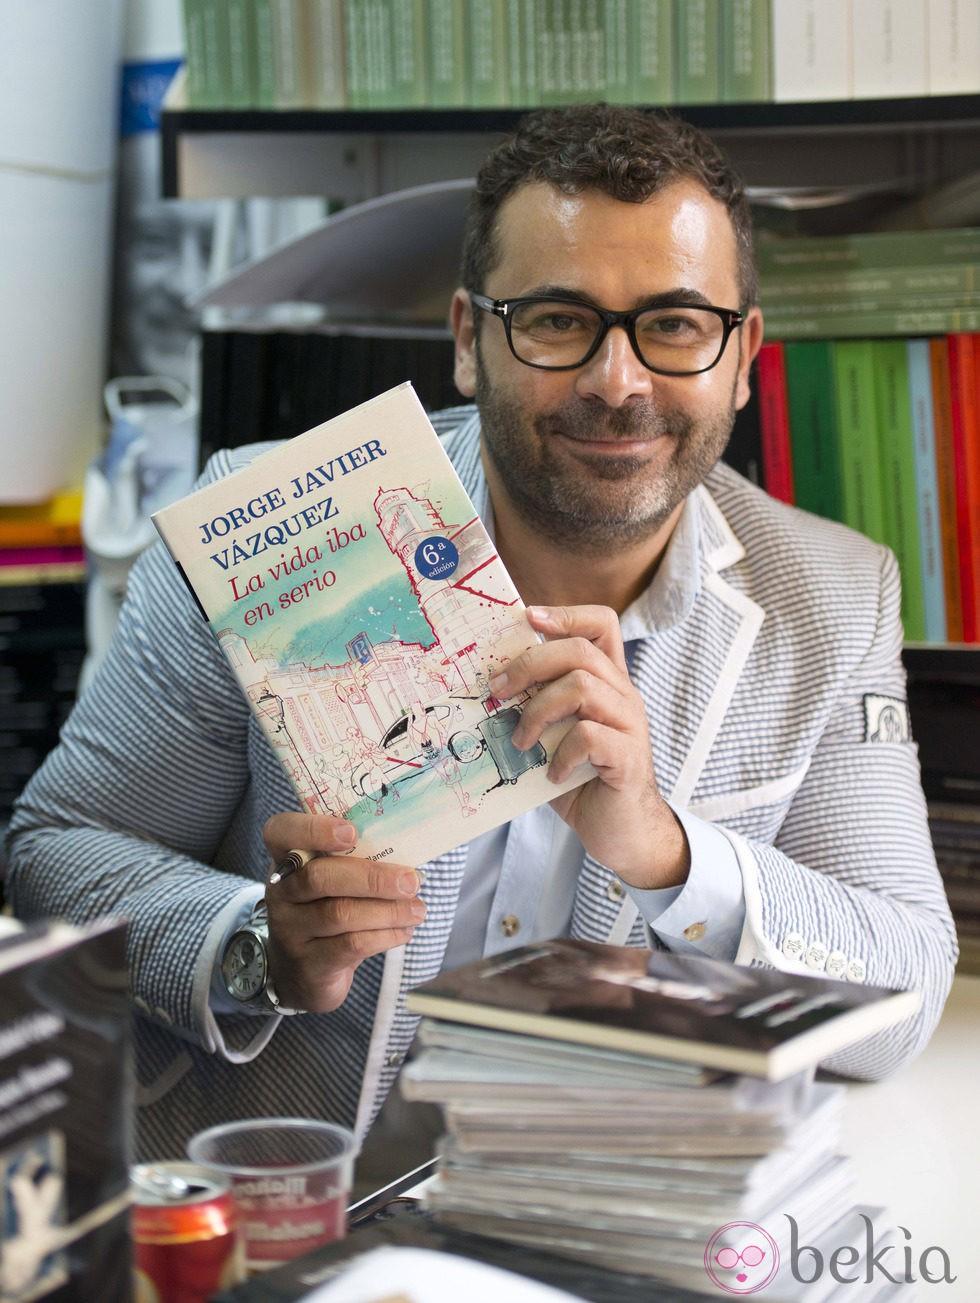 Jorge Javier Vázquez firma ejemplares de 'La vida iba en serio' en la Feria del Libro de Madrid 2013